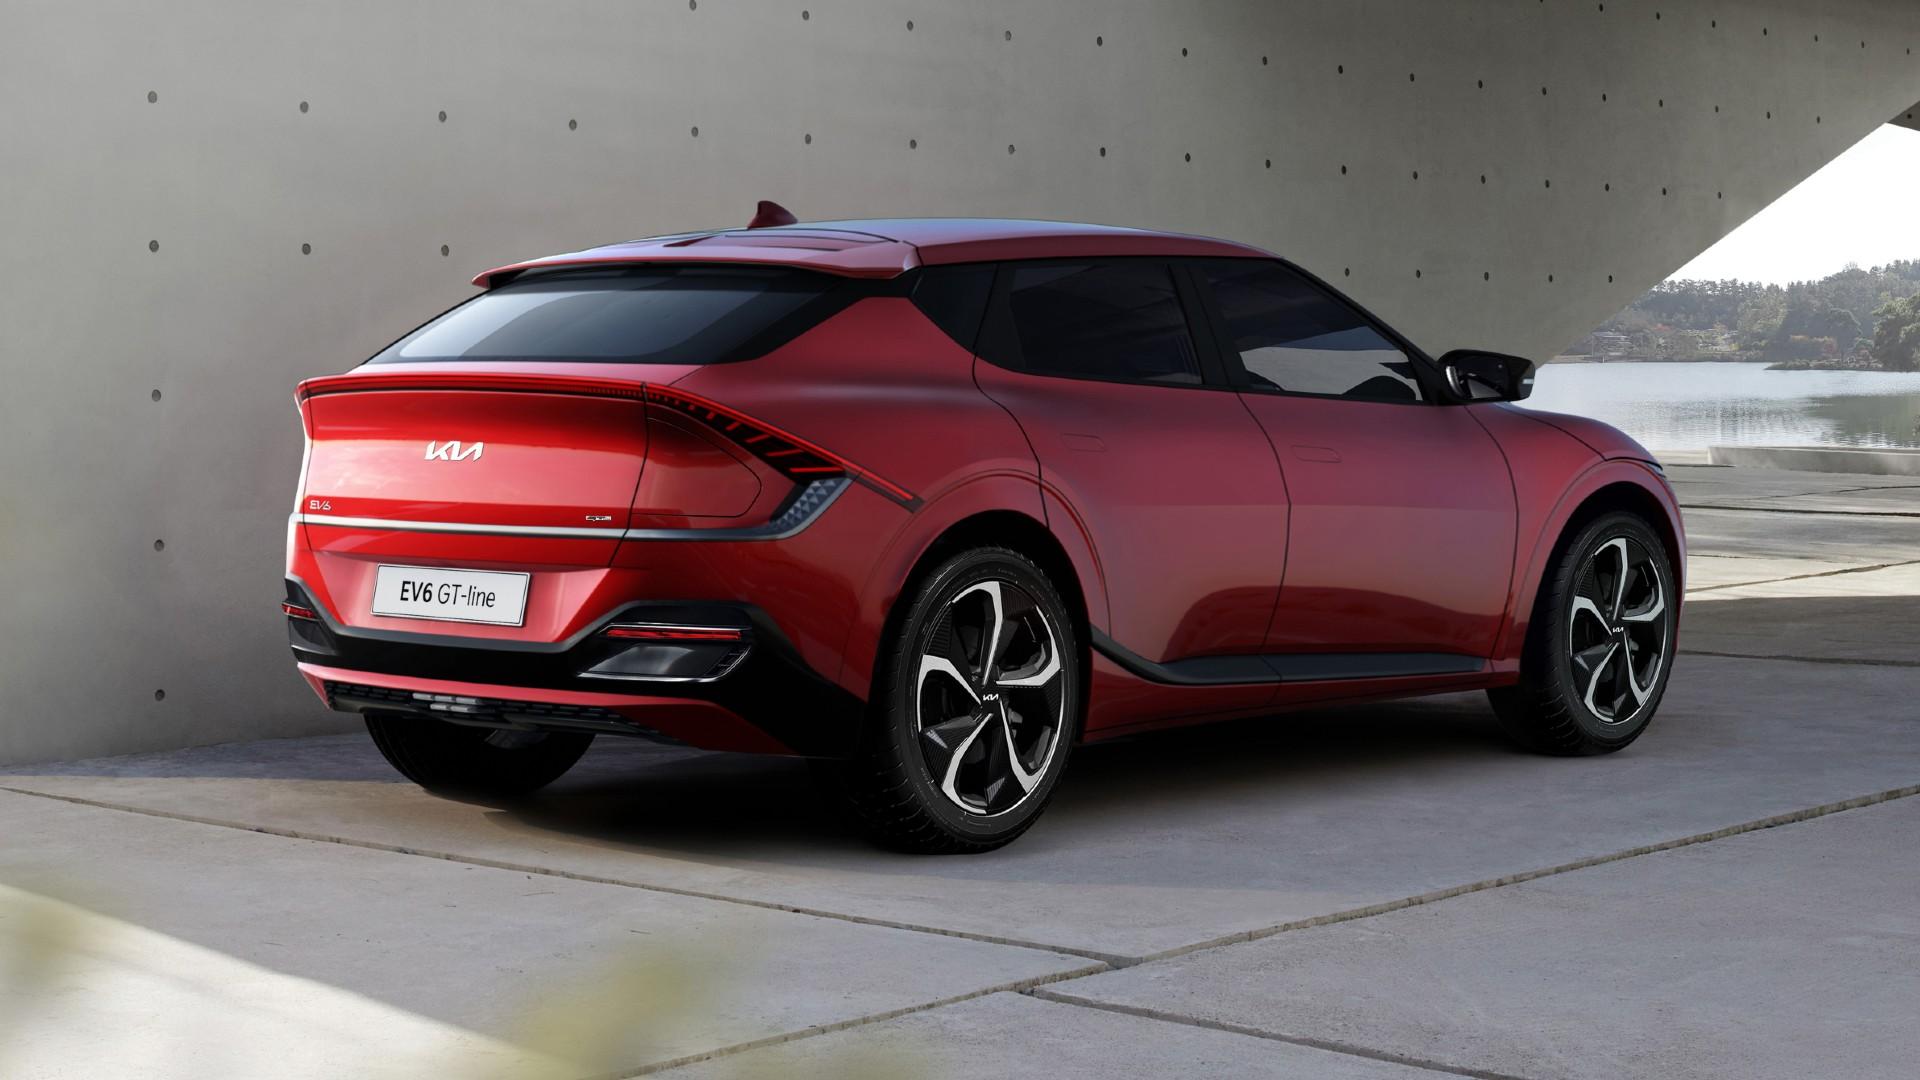 Ρεκόρ παραγγελιών για το νέο ηλεκτρικό μοντέλο της Kia